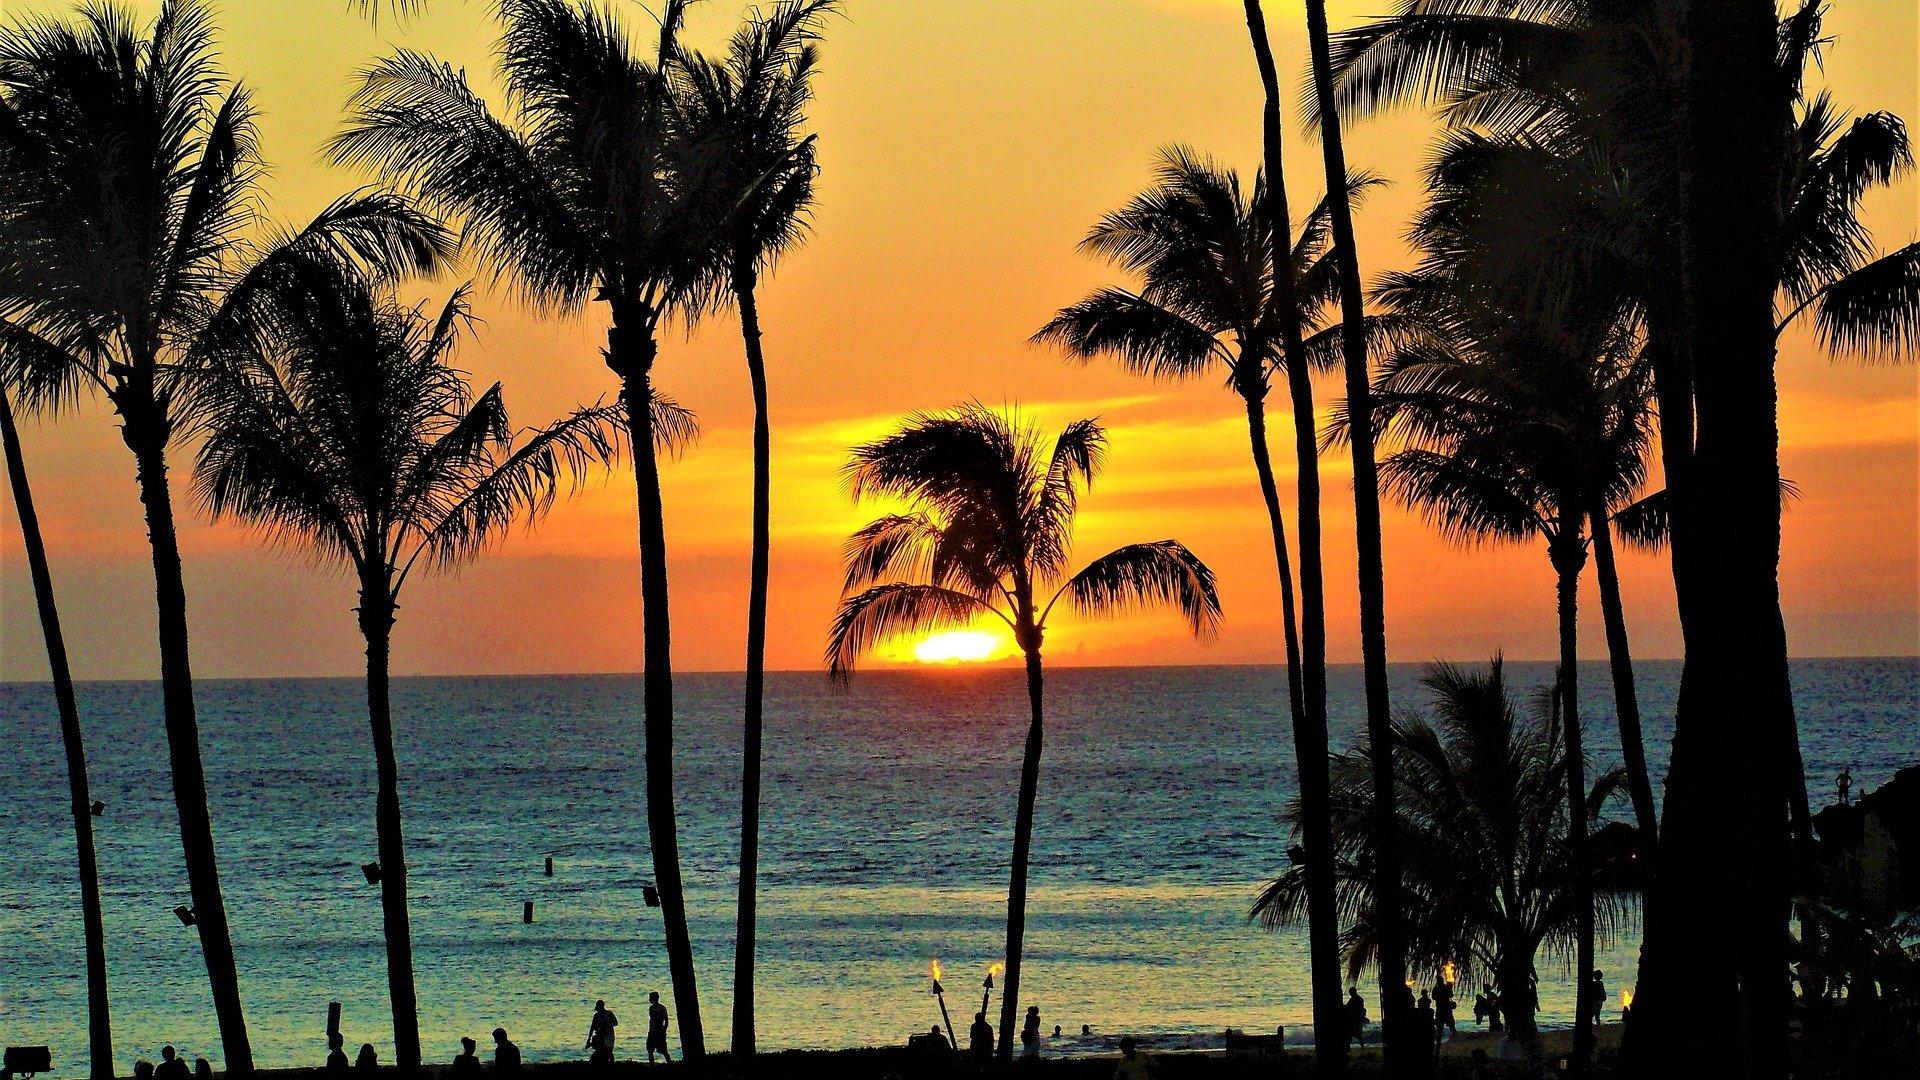 映画「50回目のファーストキス」ハワイの緩やかな時間の流れを感じることができる